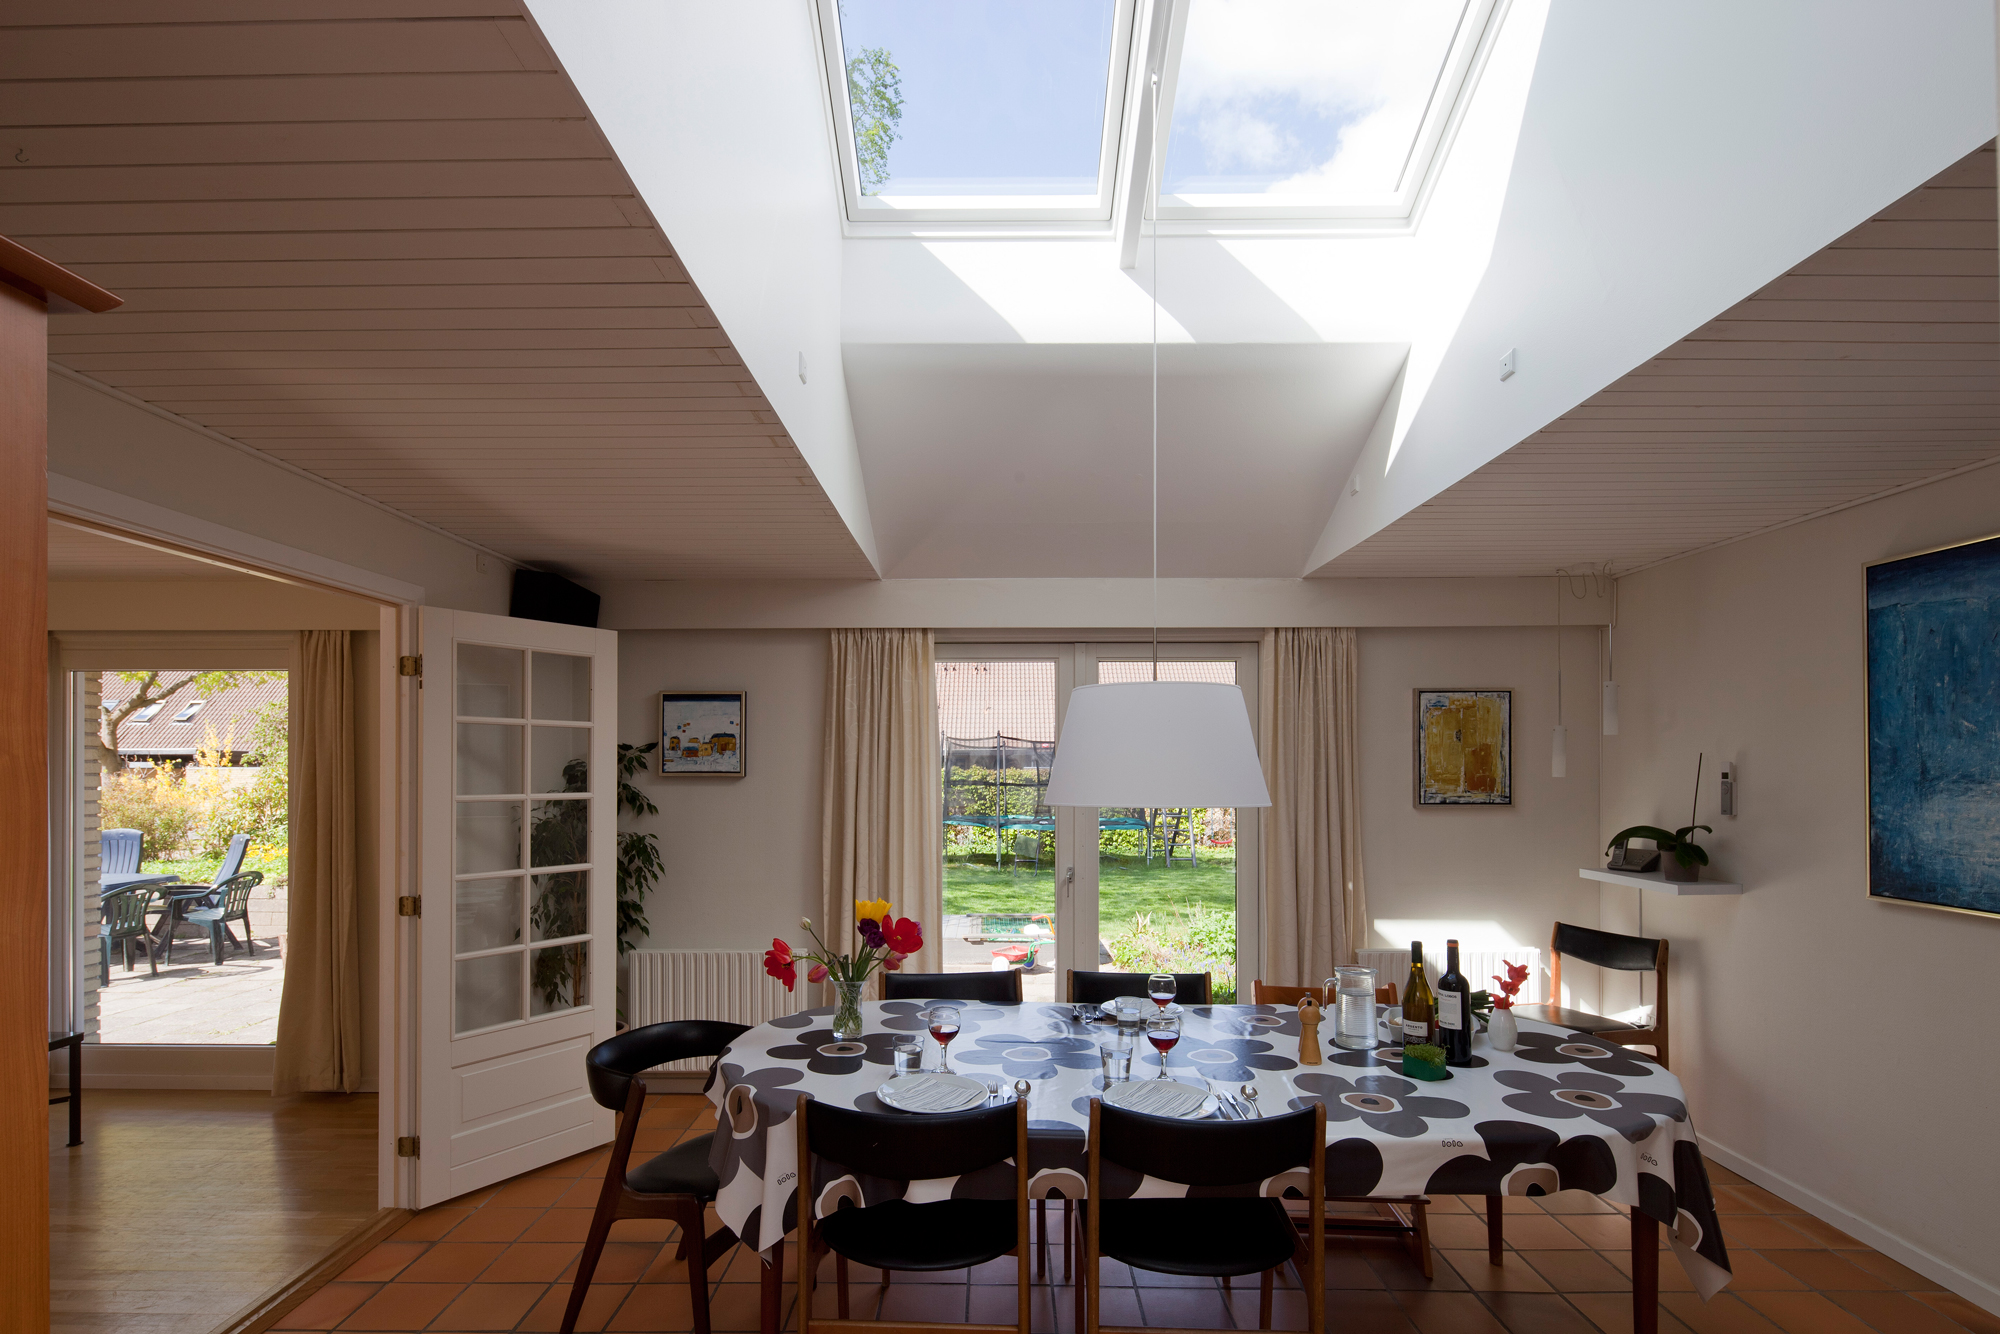 Abitabilit di appartamenti e sottotetti altezza minima e for 2 metri quadrati di garage